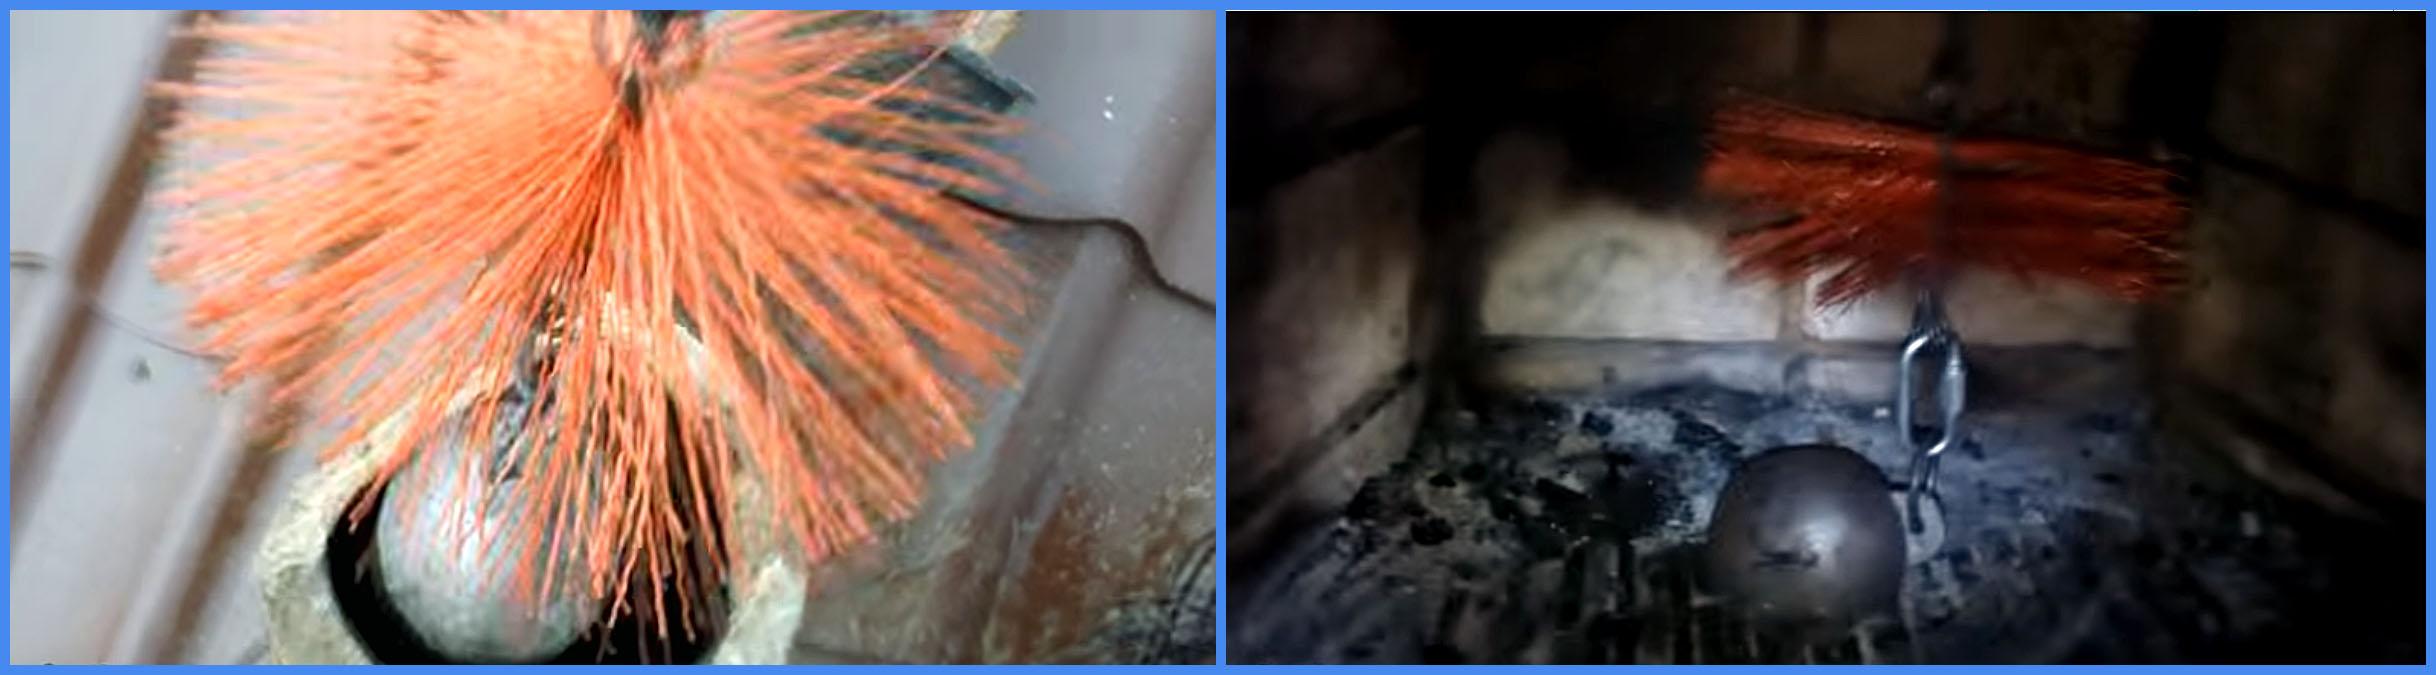 Разновидности методов чистки дымоходов